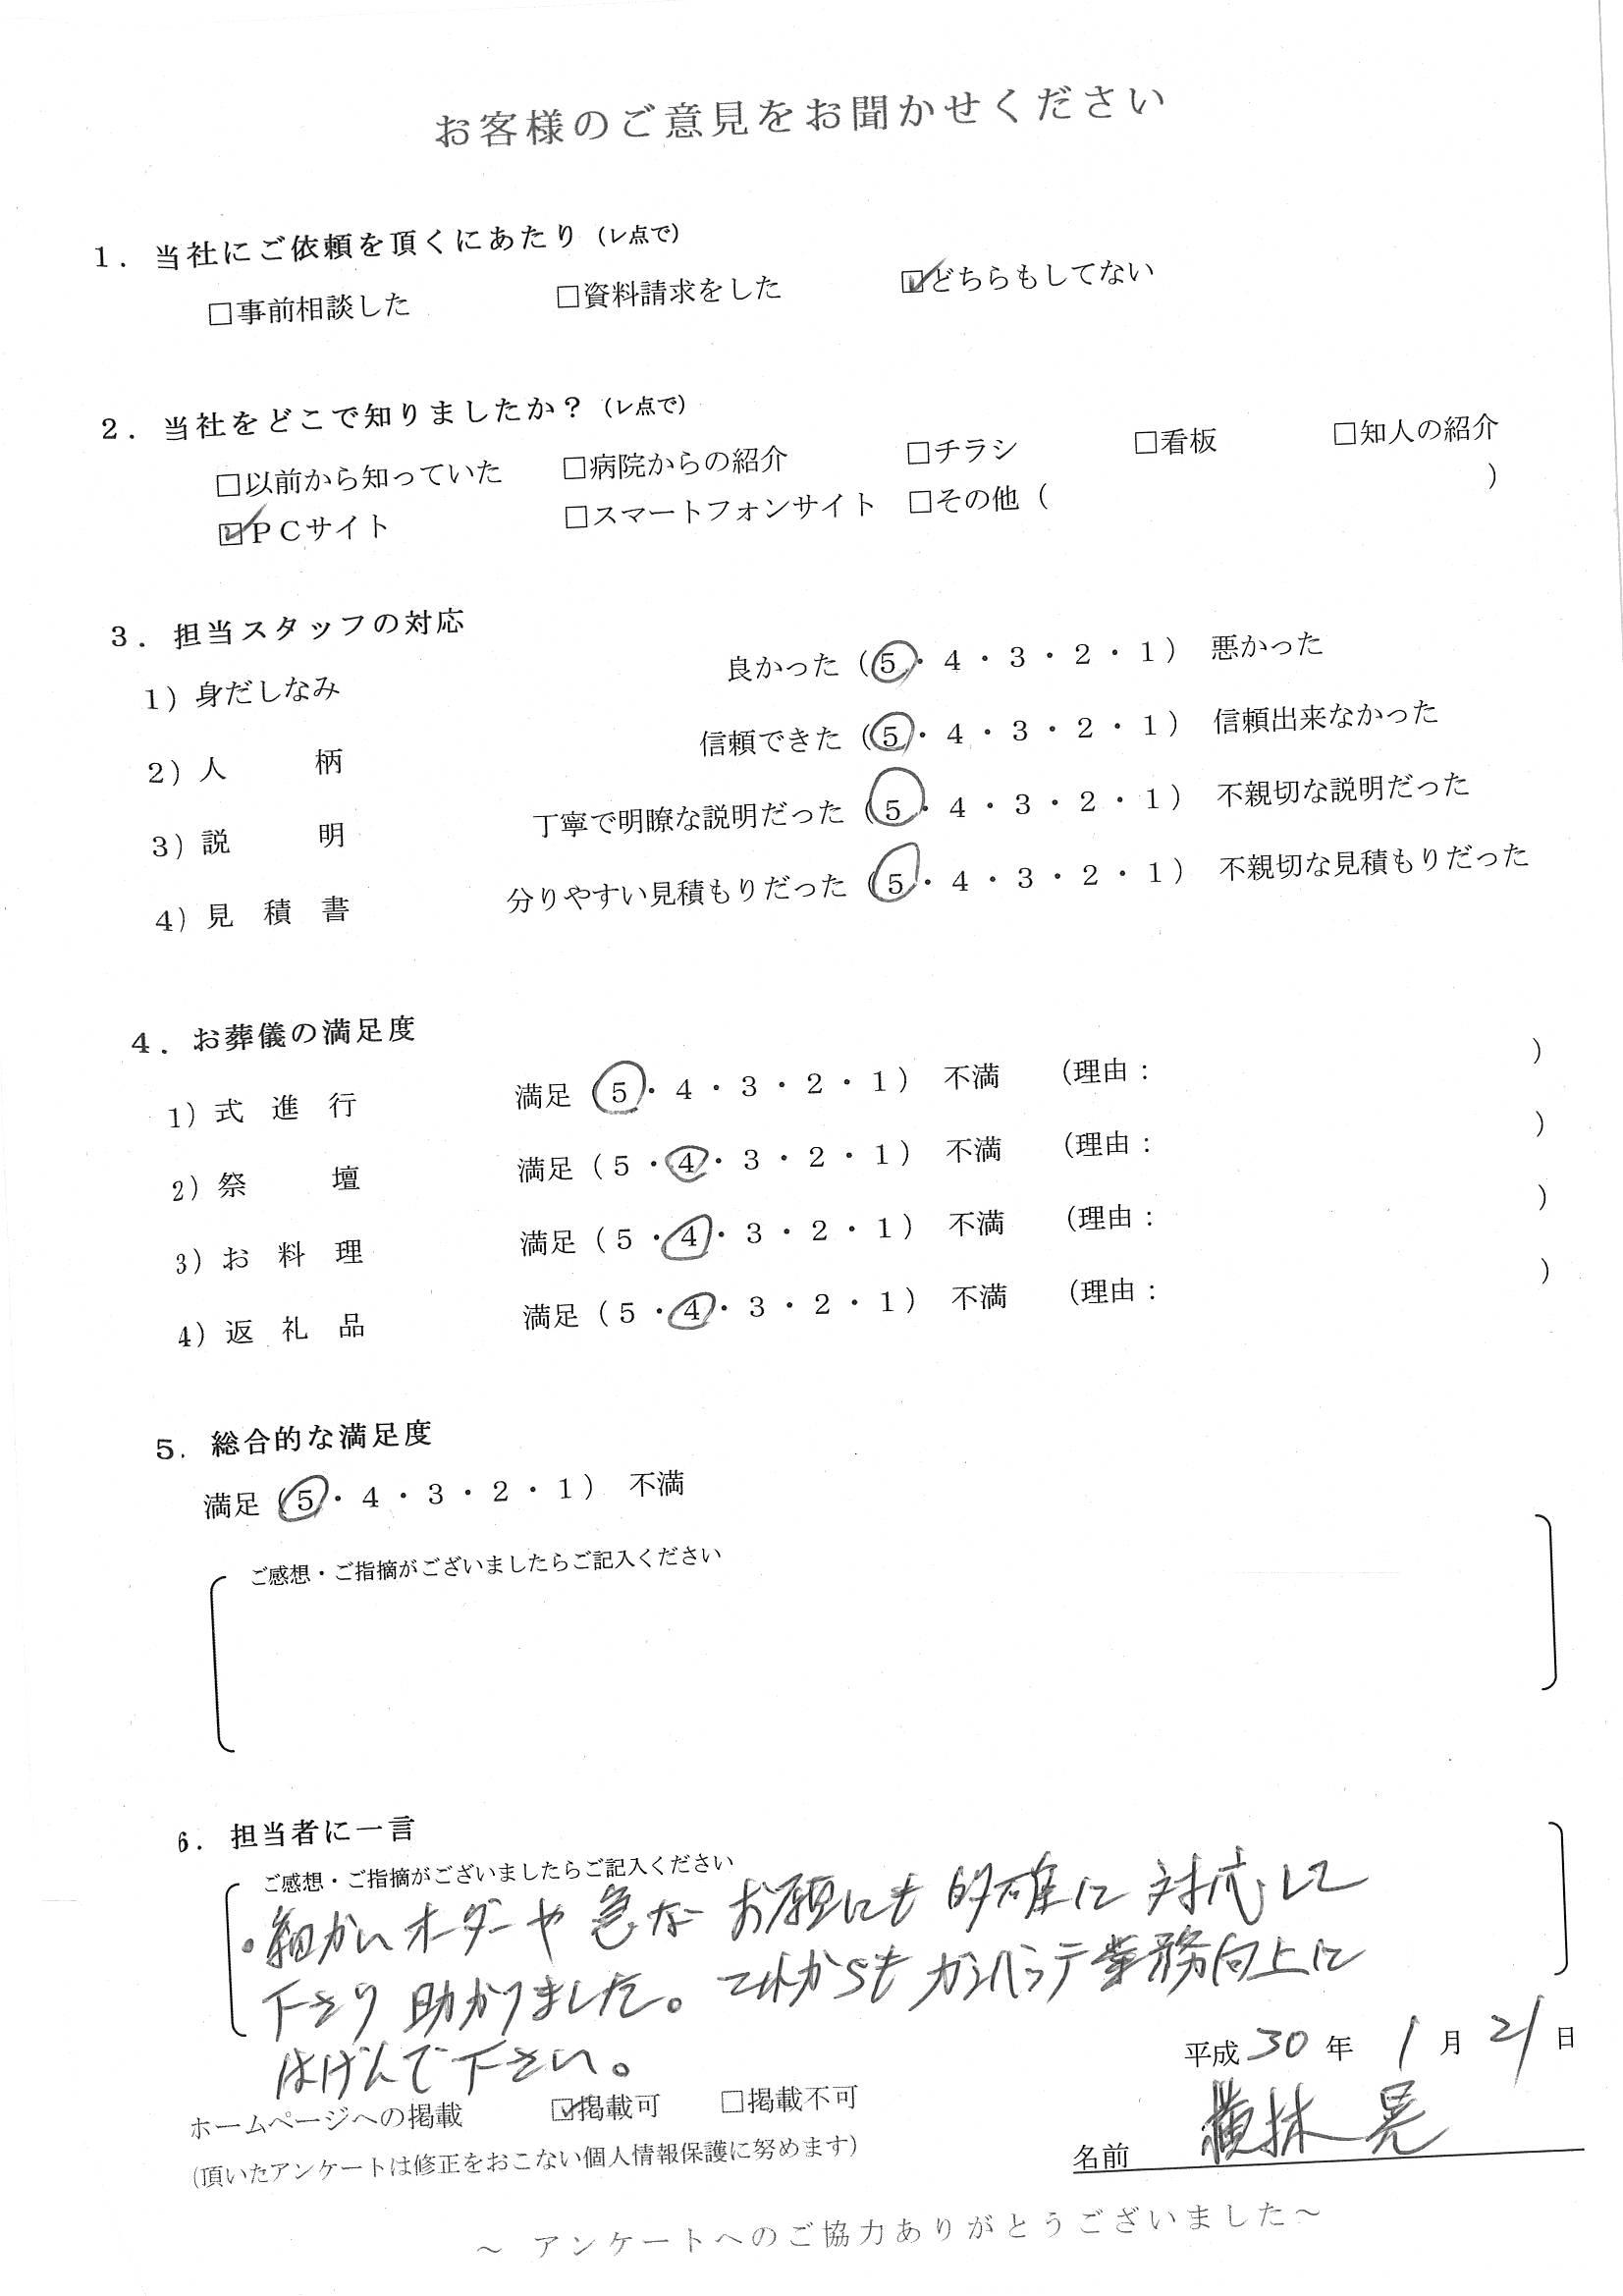 2018.01.21 町田市 横林様